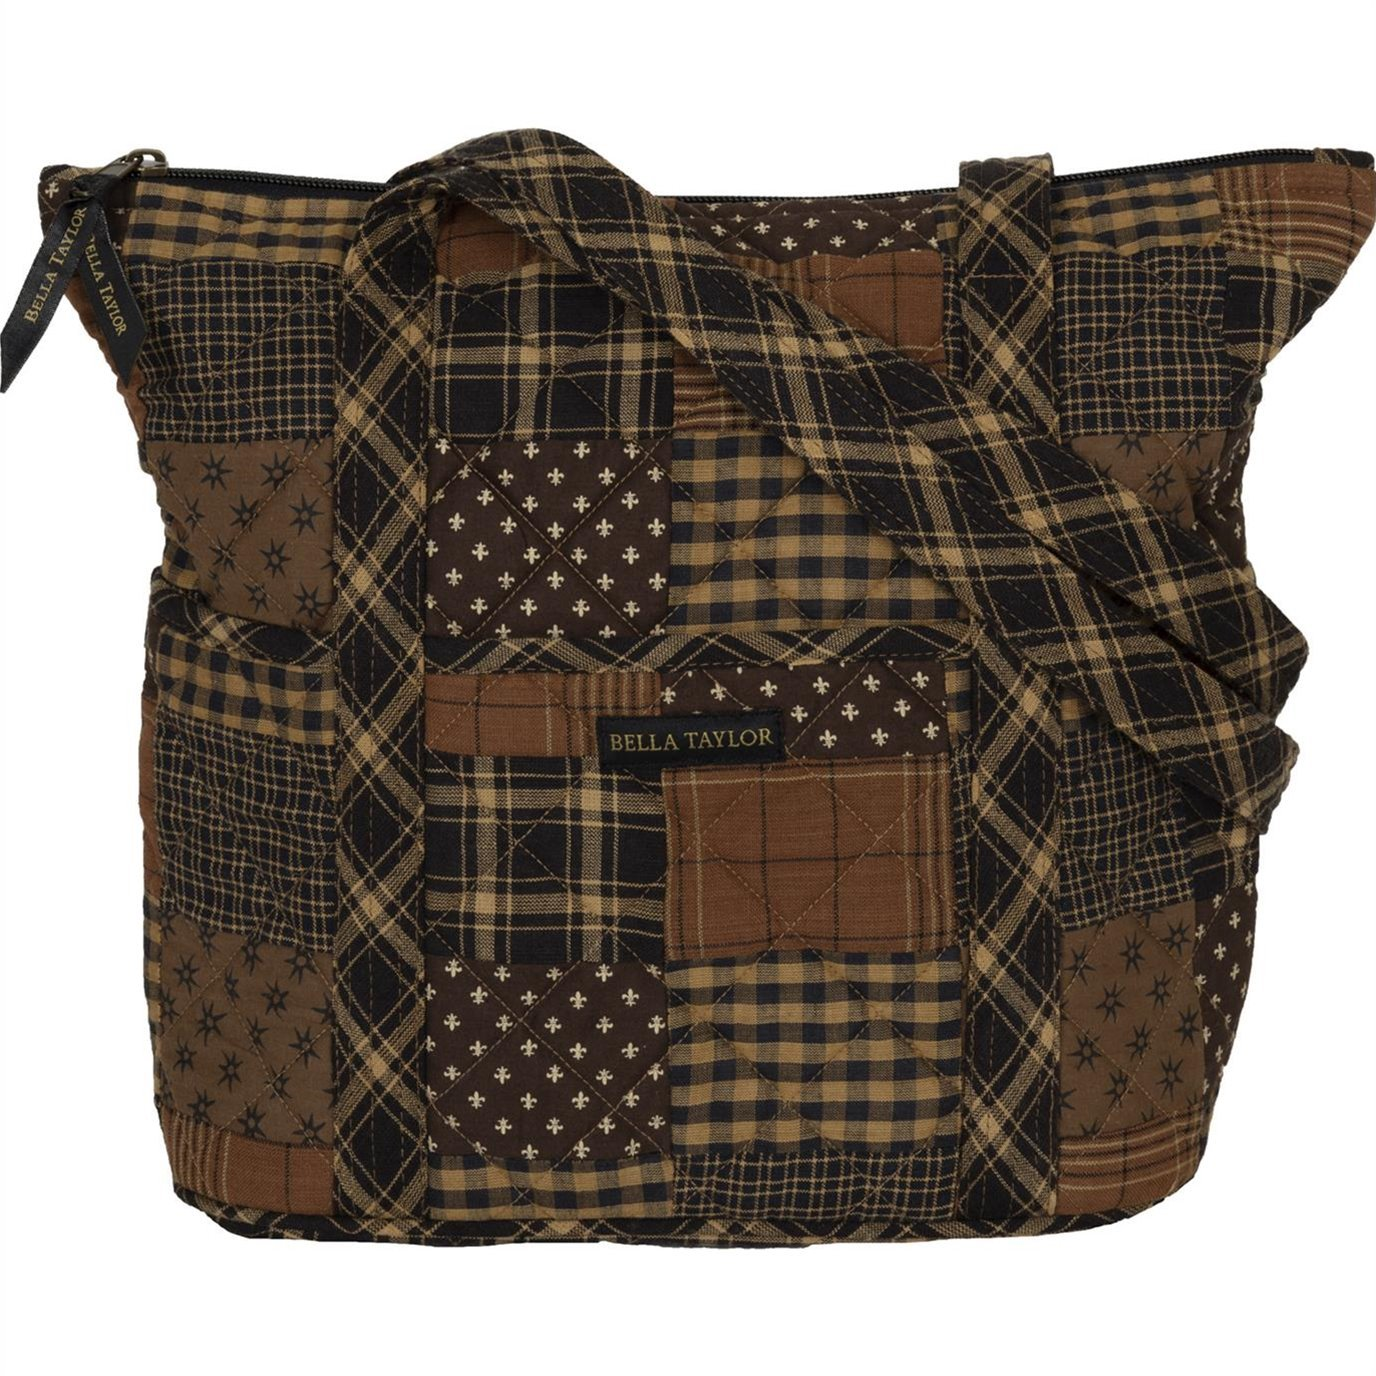 Ironstone Handbags